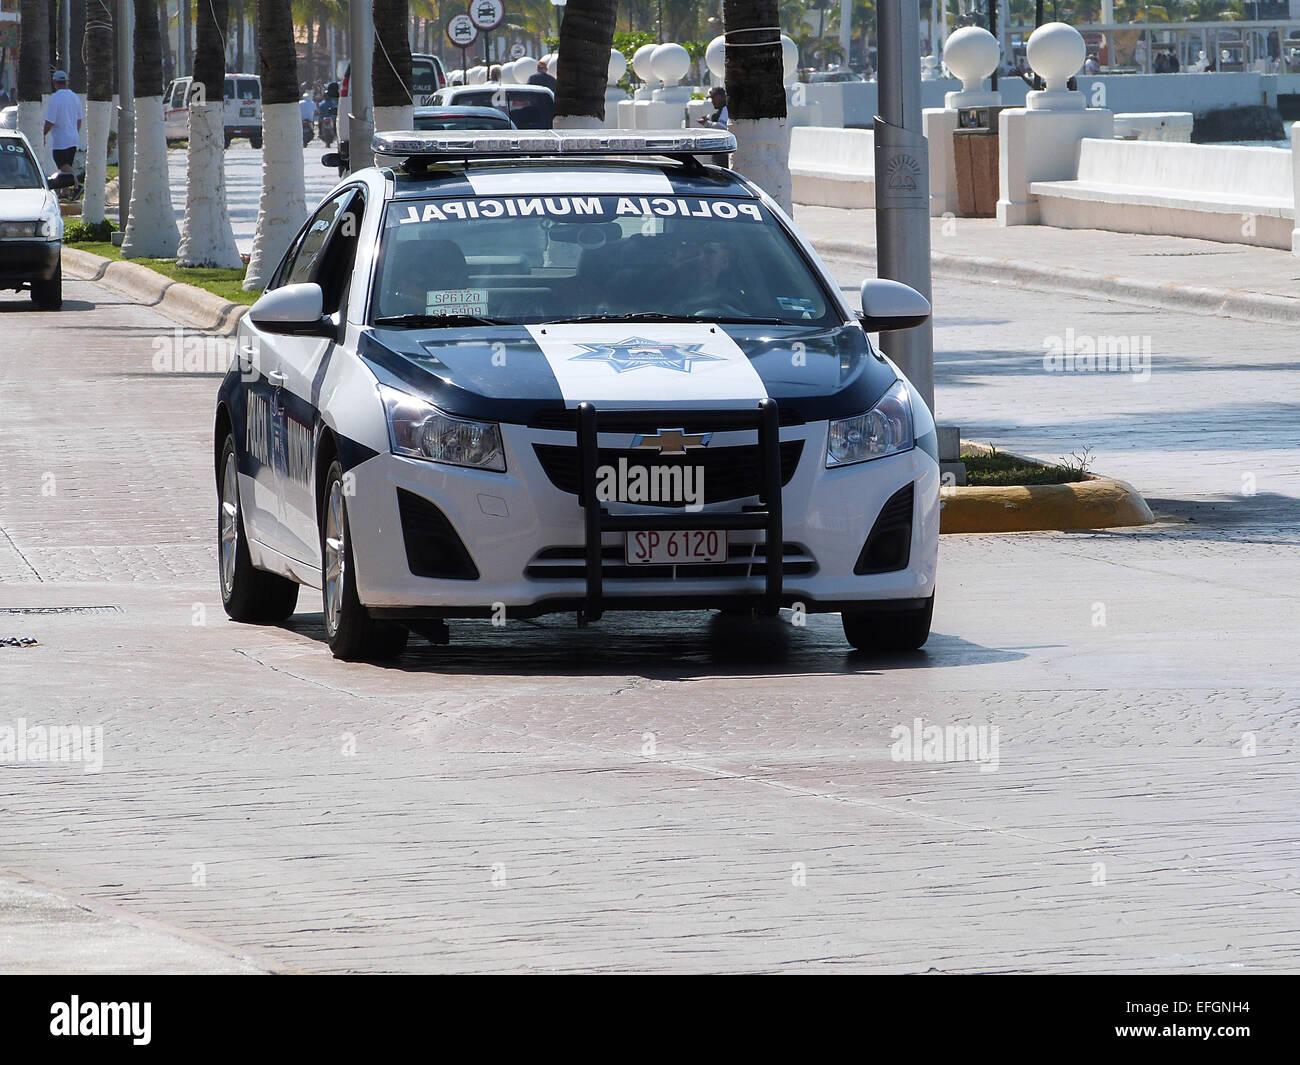 Chevrolet Police Car In Cozumel Mexico 2015 Stock Photo 78429488